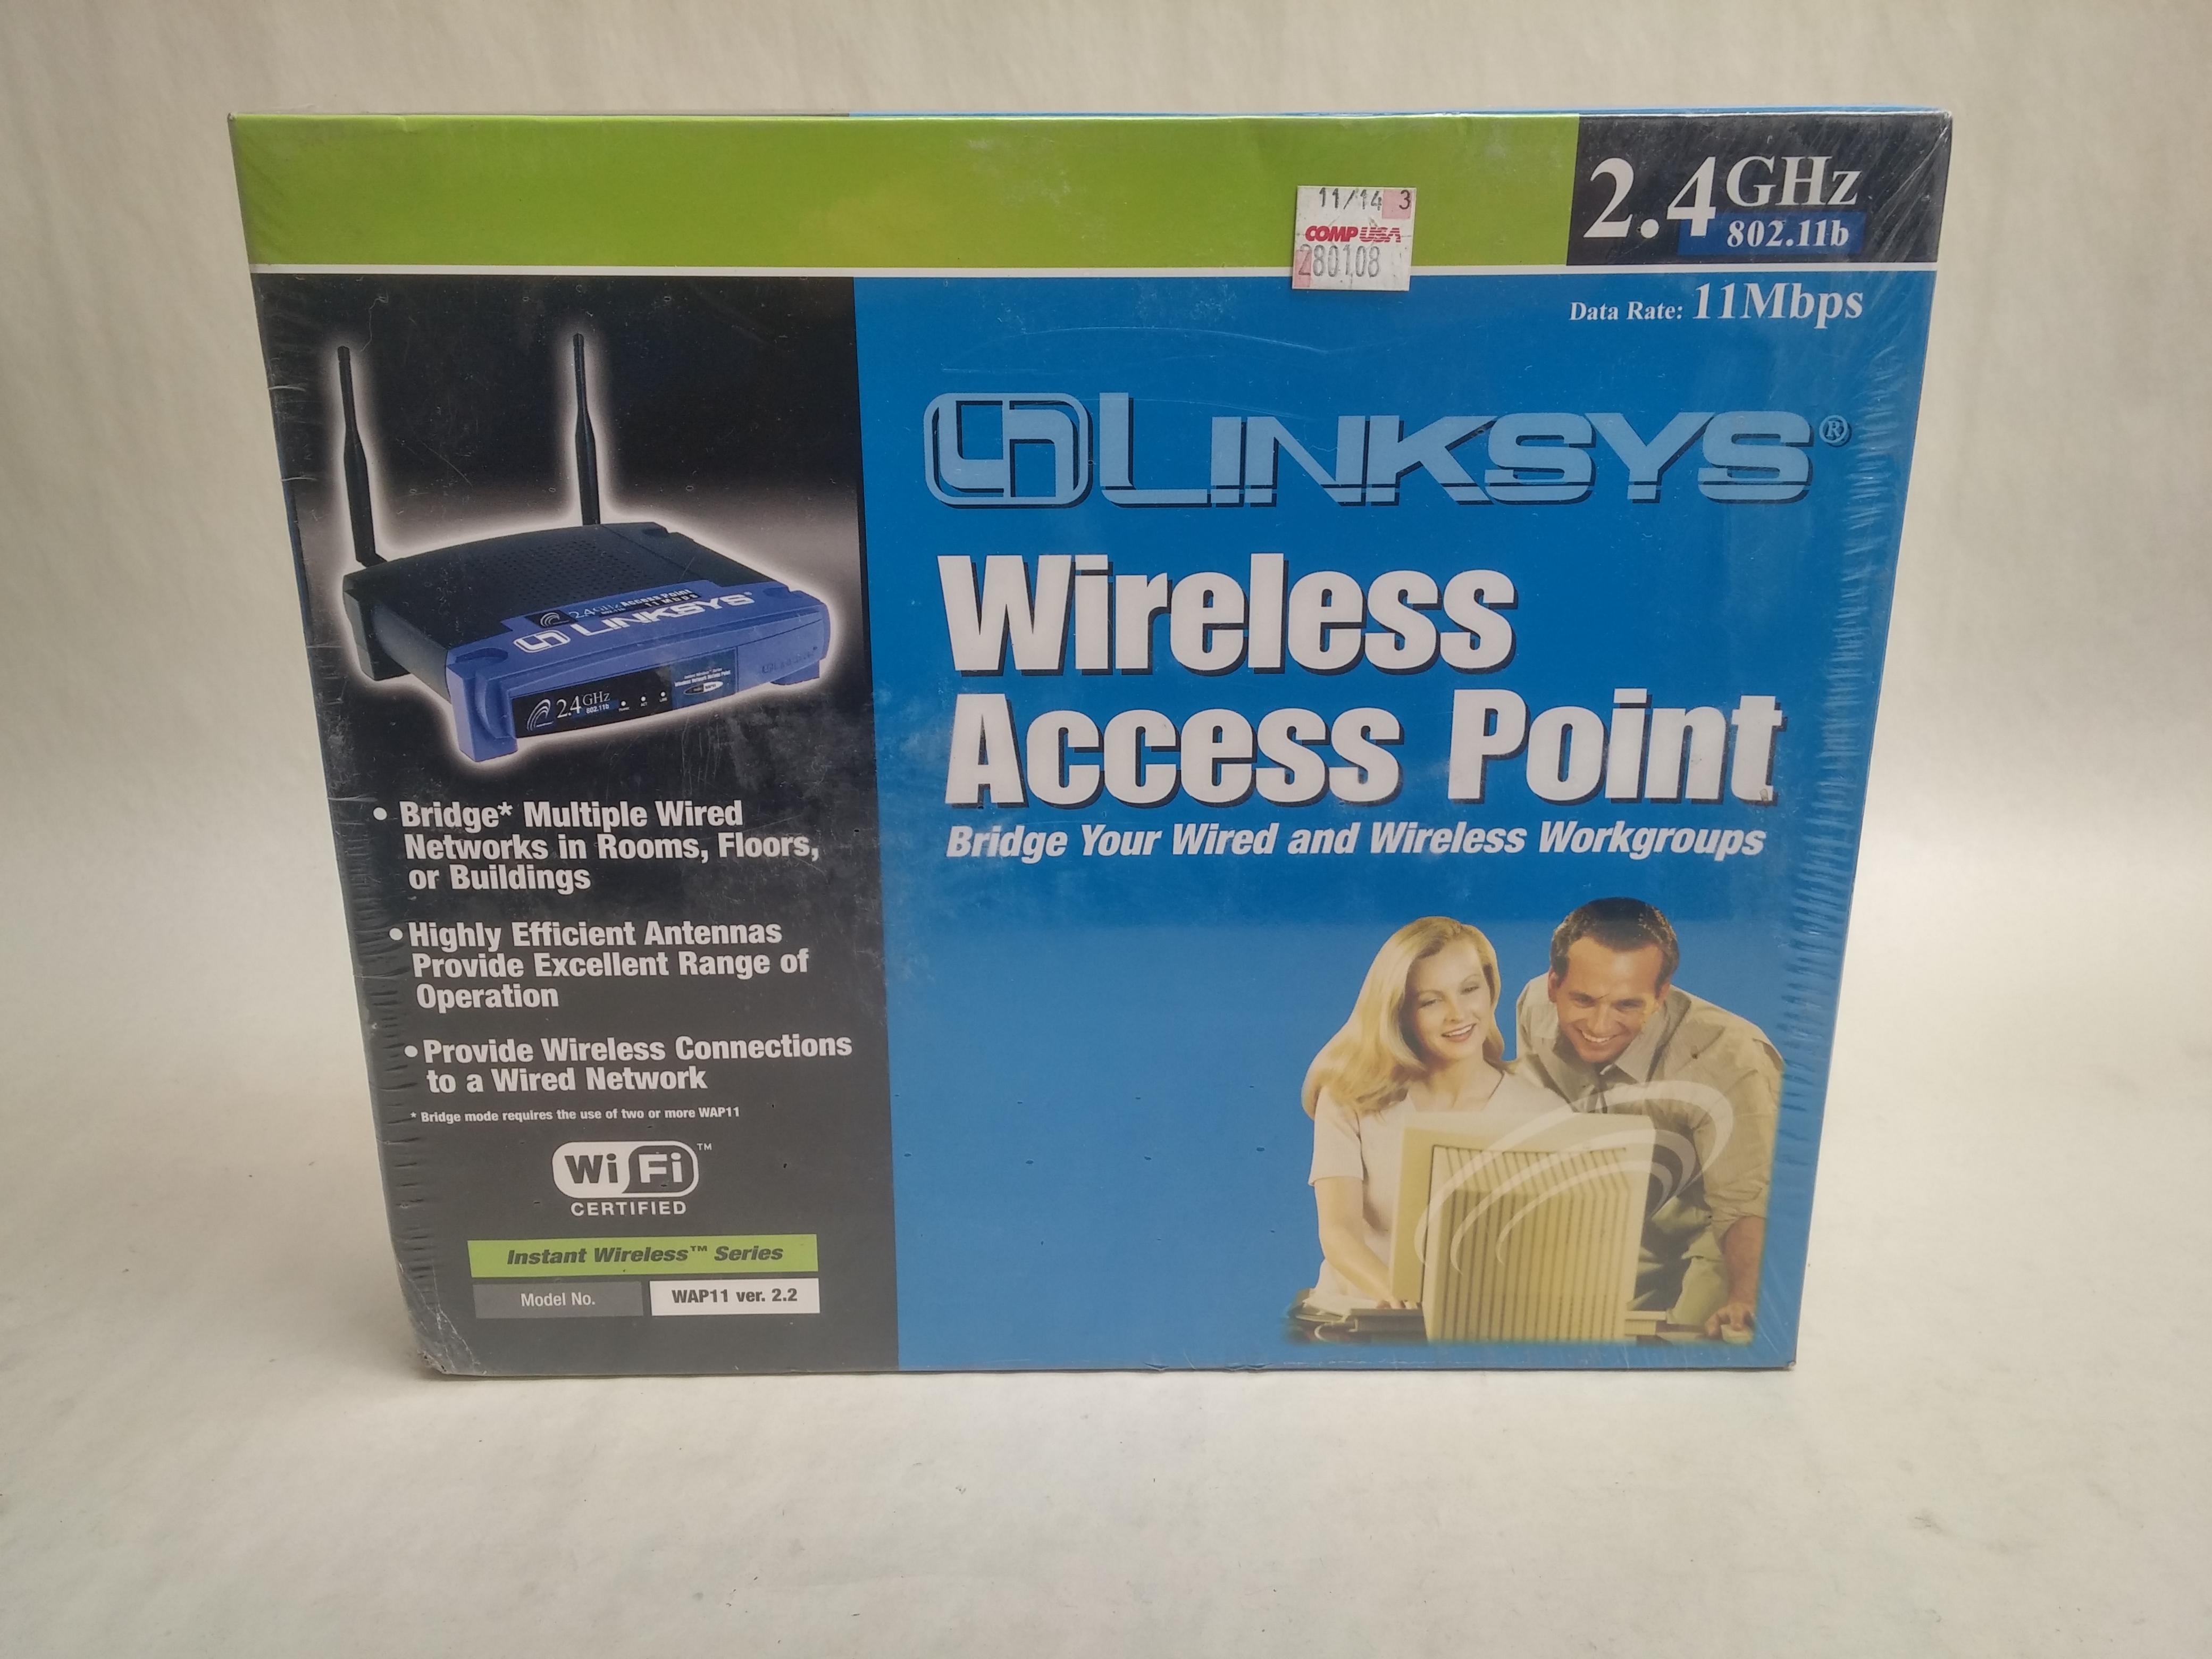 New Linksys WAP11 Ver 2.2 Wireless Network Access Point 2.4GHz | eBay